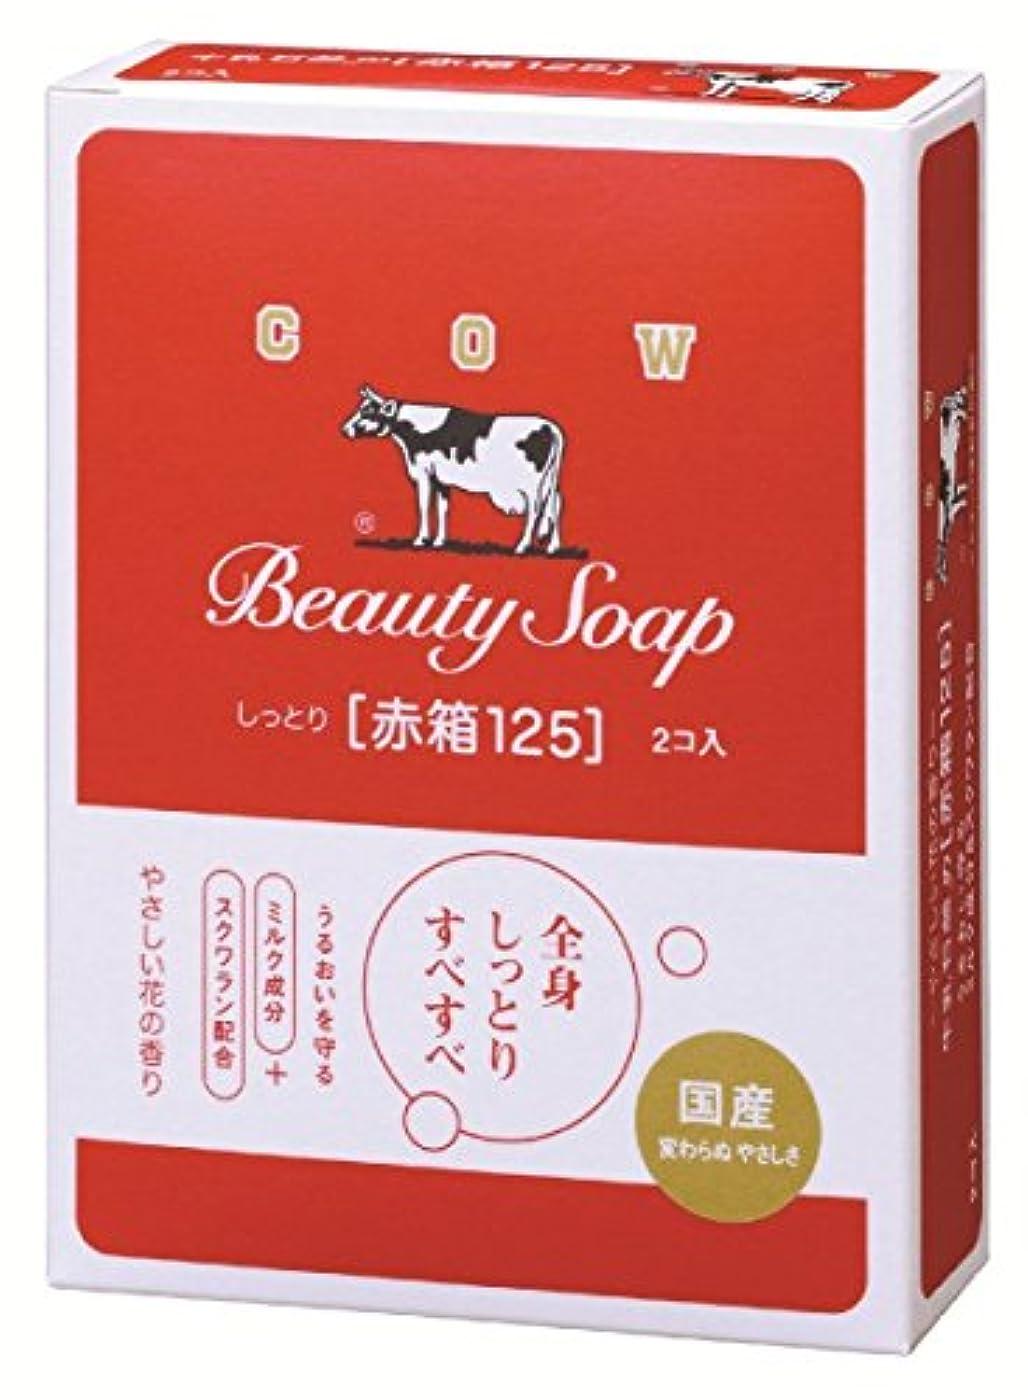 ブッシュペストリー任命牛乳石鹸共進社 カウブランド 赤箱 125g×2